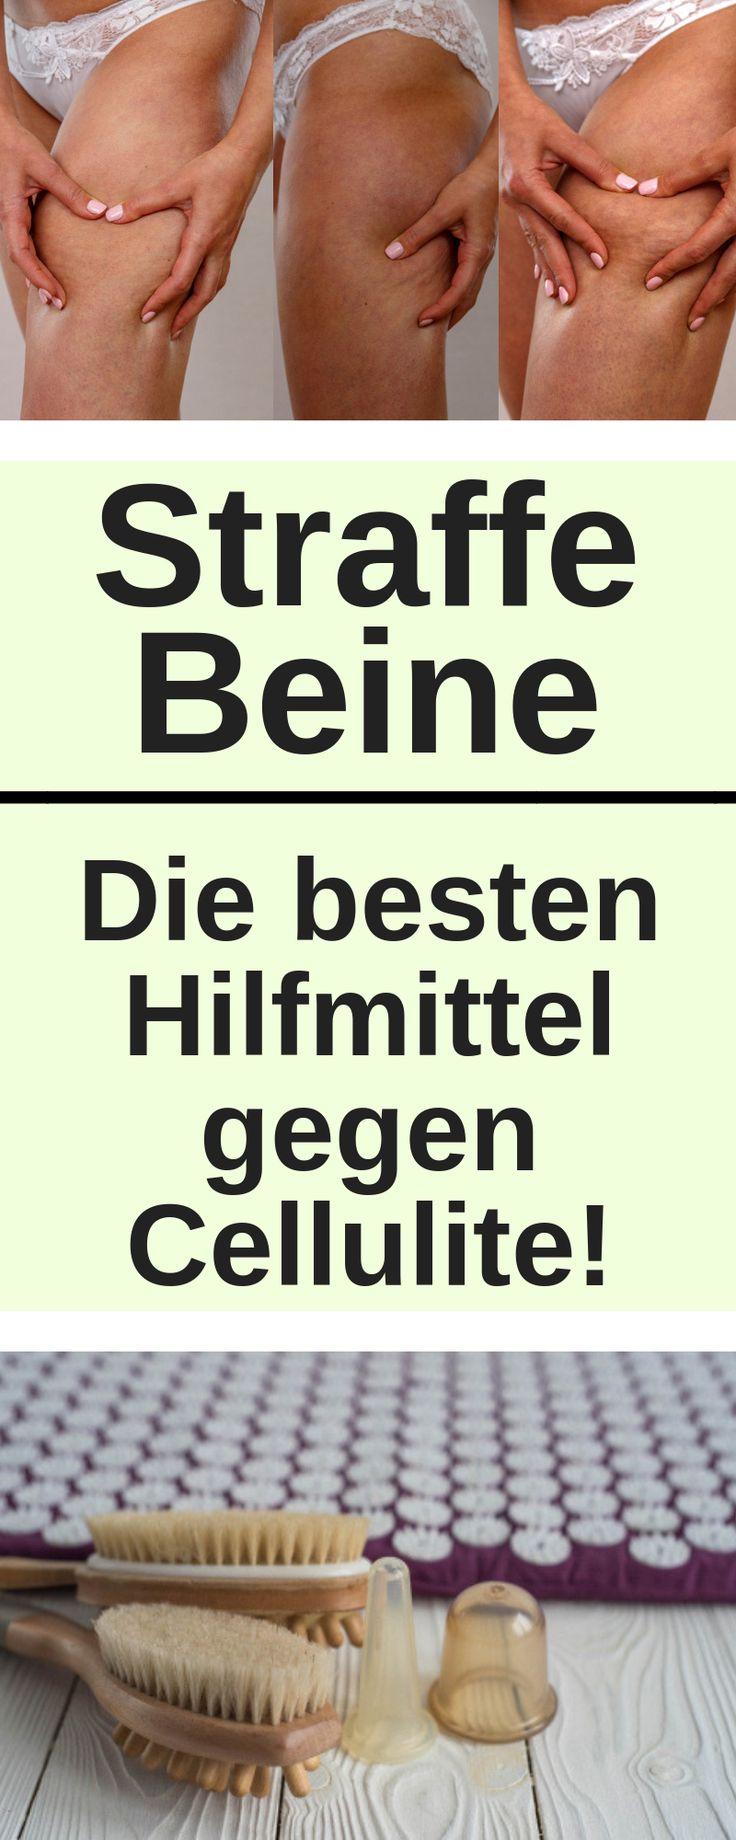 Gegen Cellulite